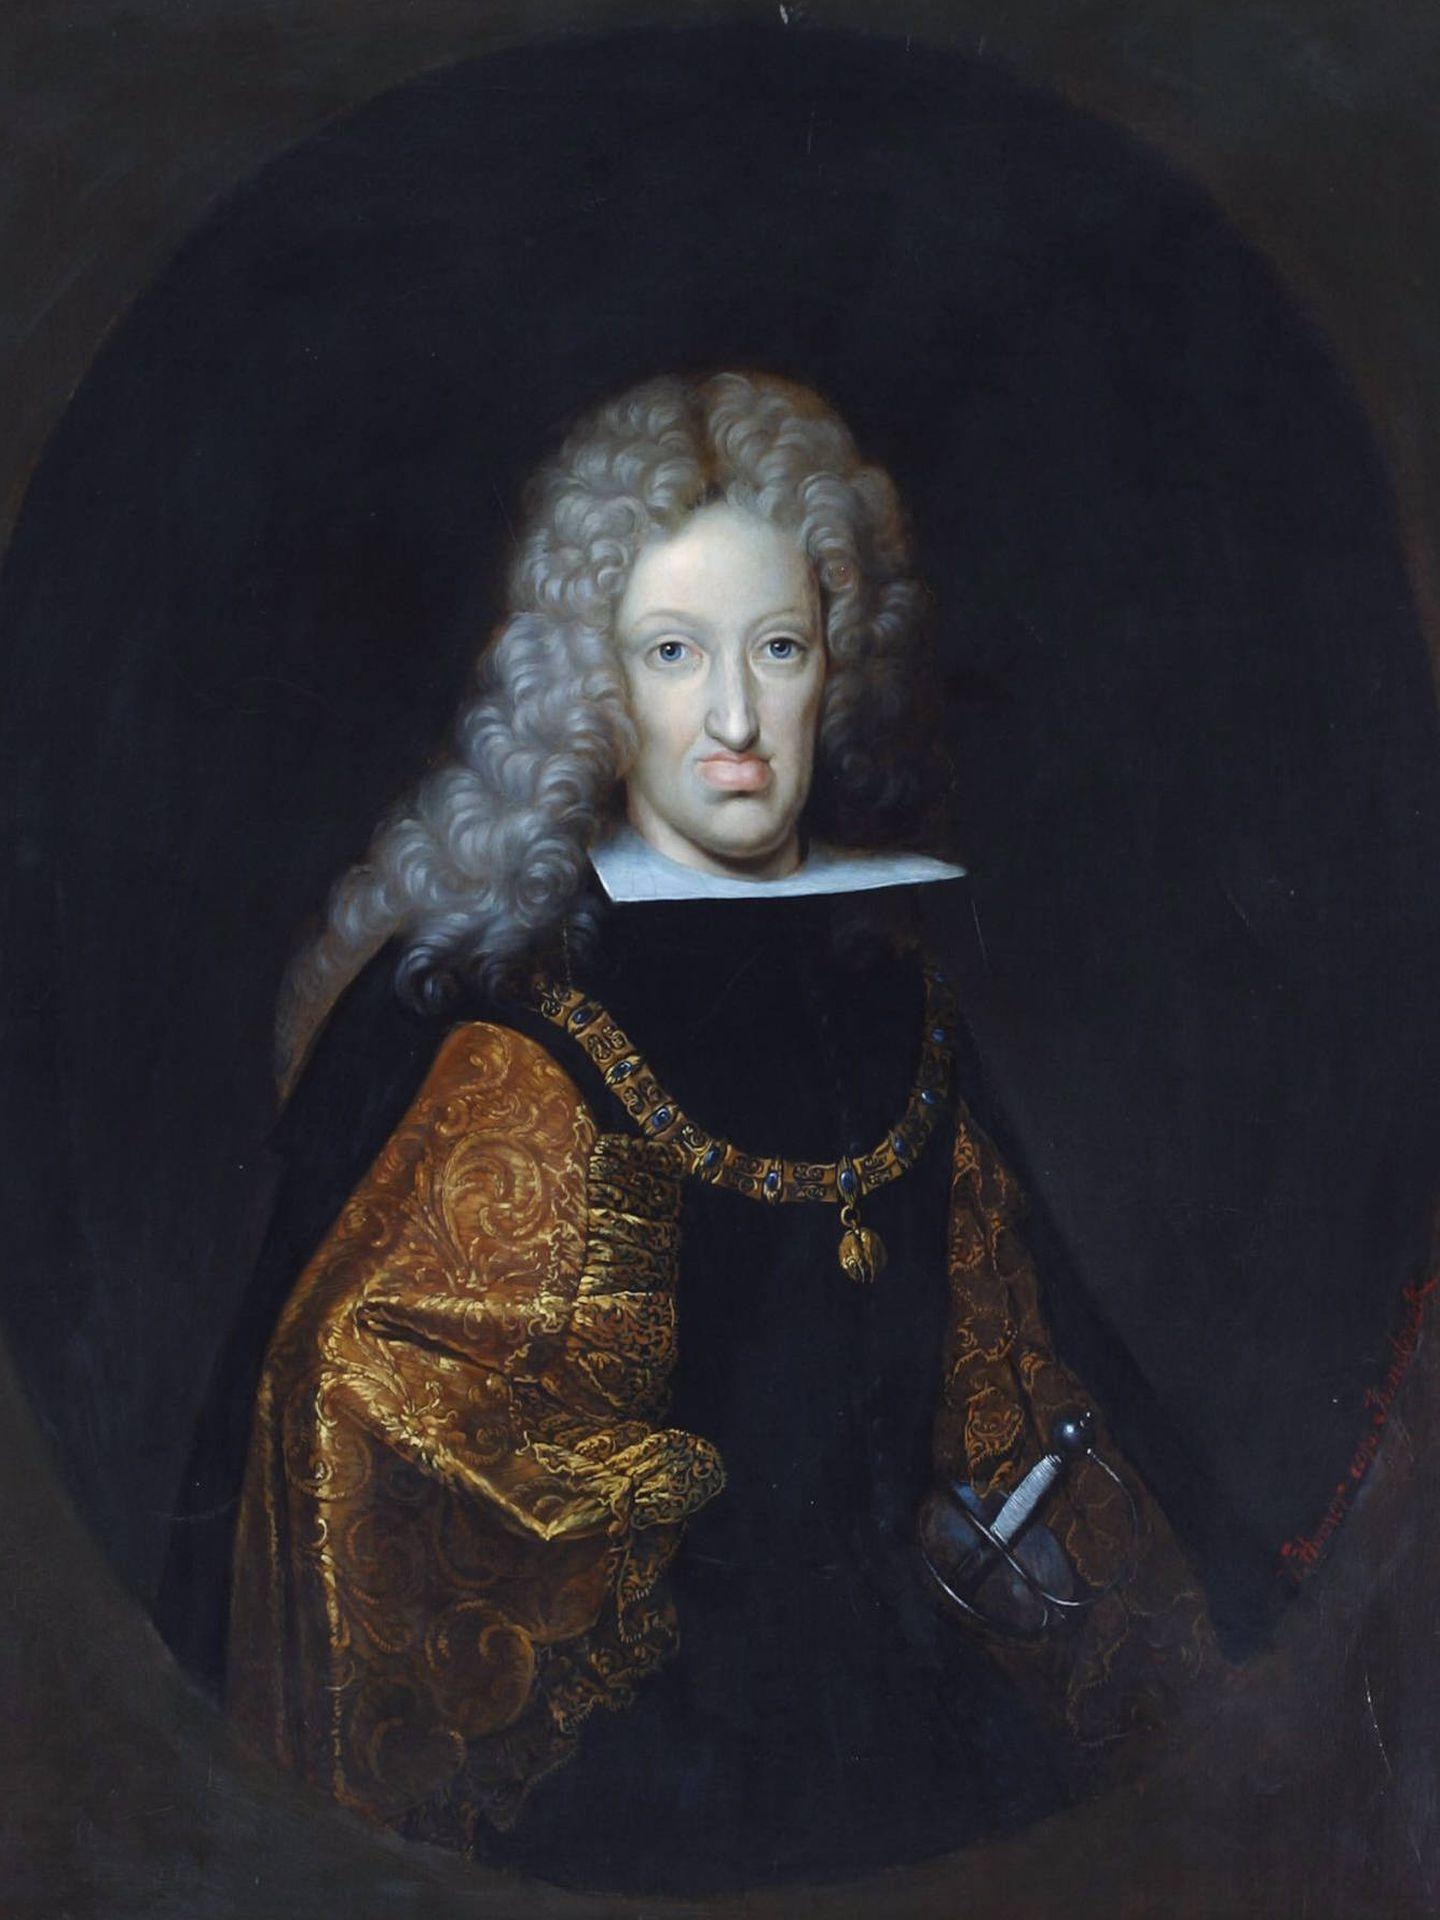 Retrato del rey Carlos II, por Wilhelm Humer